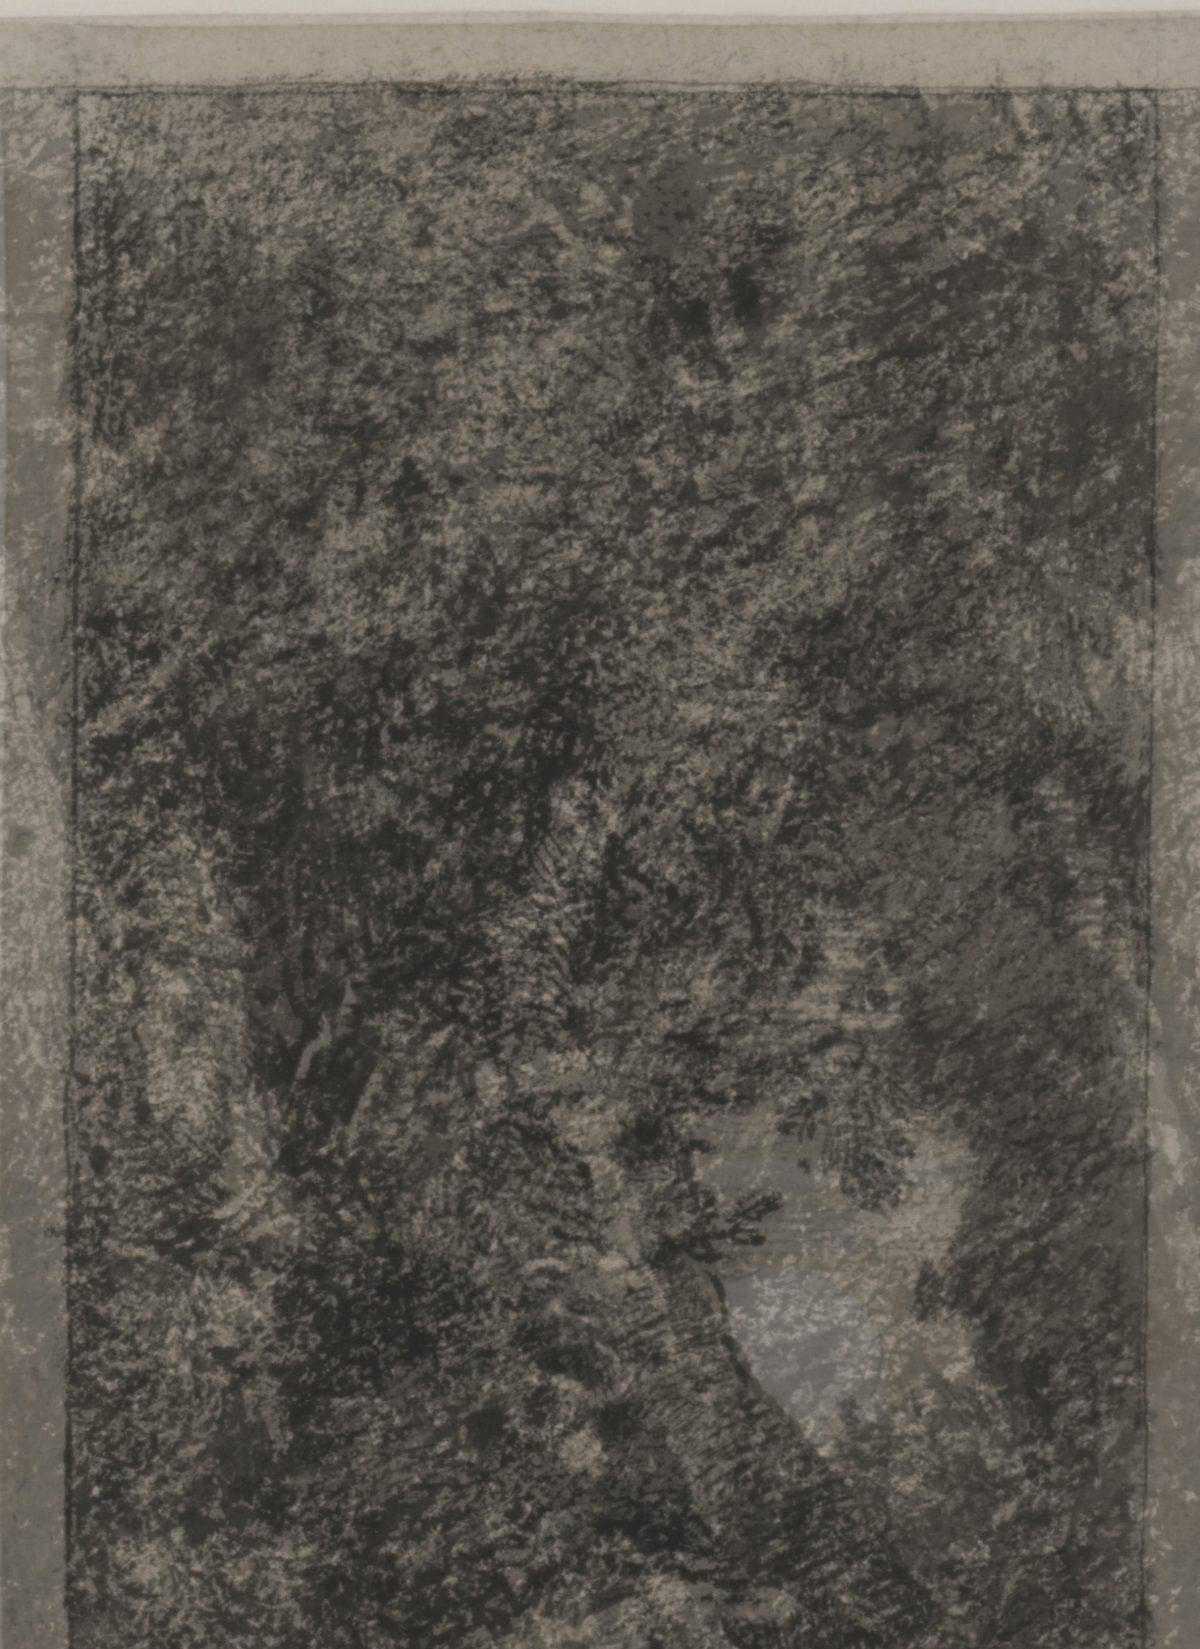 Arnold Böcklin, Das Irrlicht, um 1855/60, Feder und Pinsel in Schwarz, grau laviert, weiß gehöht, mit Federlinie umrandet, auf hellbräunlichem Papier, 280 x 206 mm Blattmaß © Staatliche Graphische Sammlung München